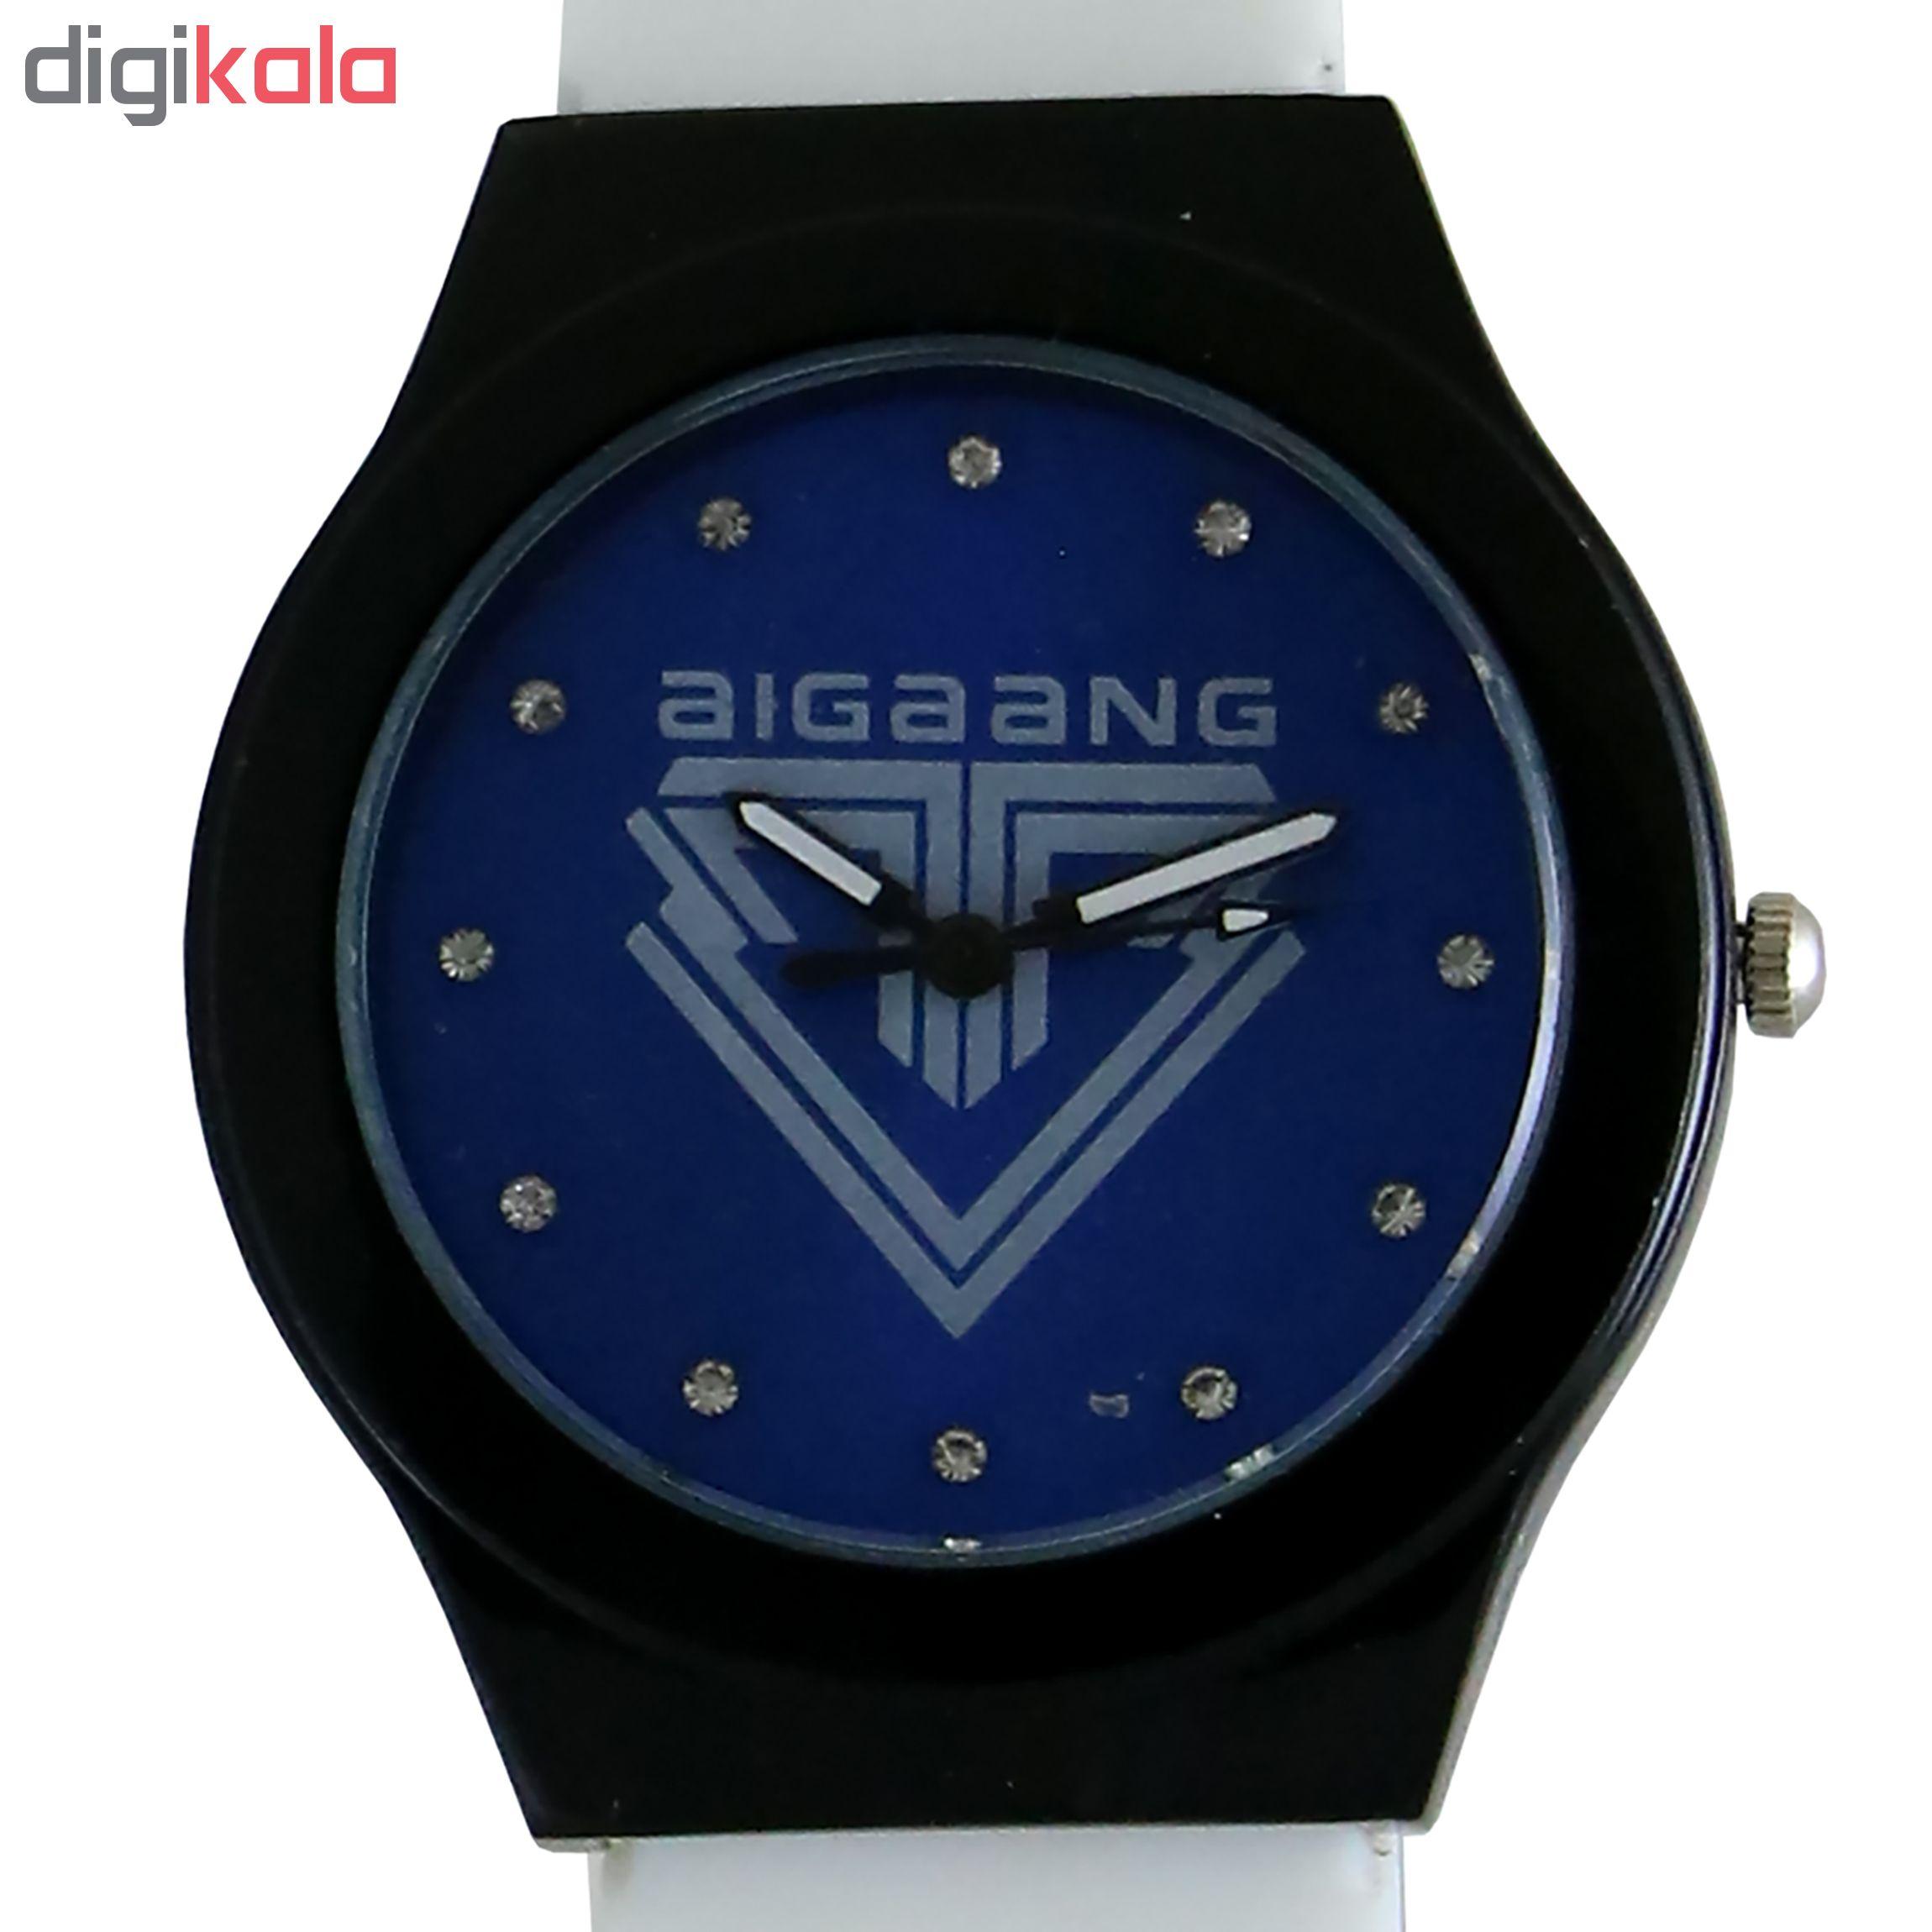 ساعت مچی عقربه ای زنانه آی گانگ کد mw897              خرید (⭐️⭐️⭐️)